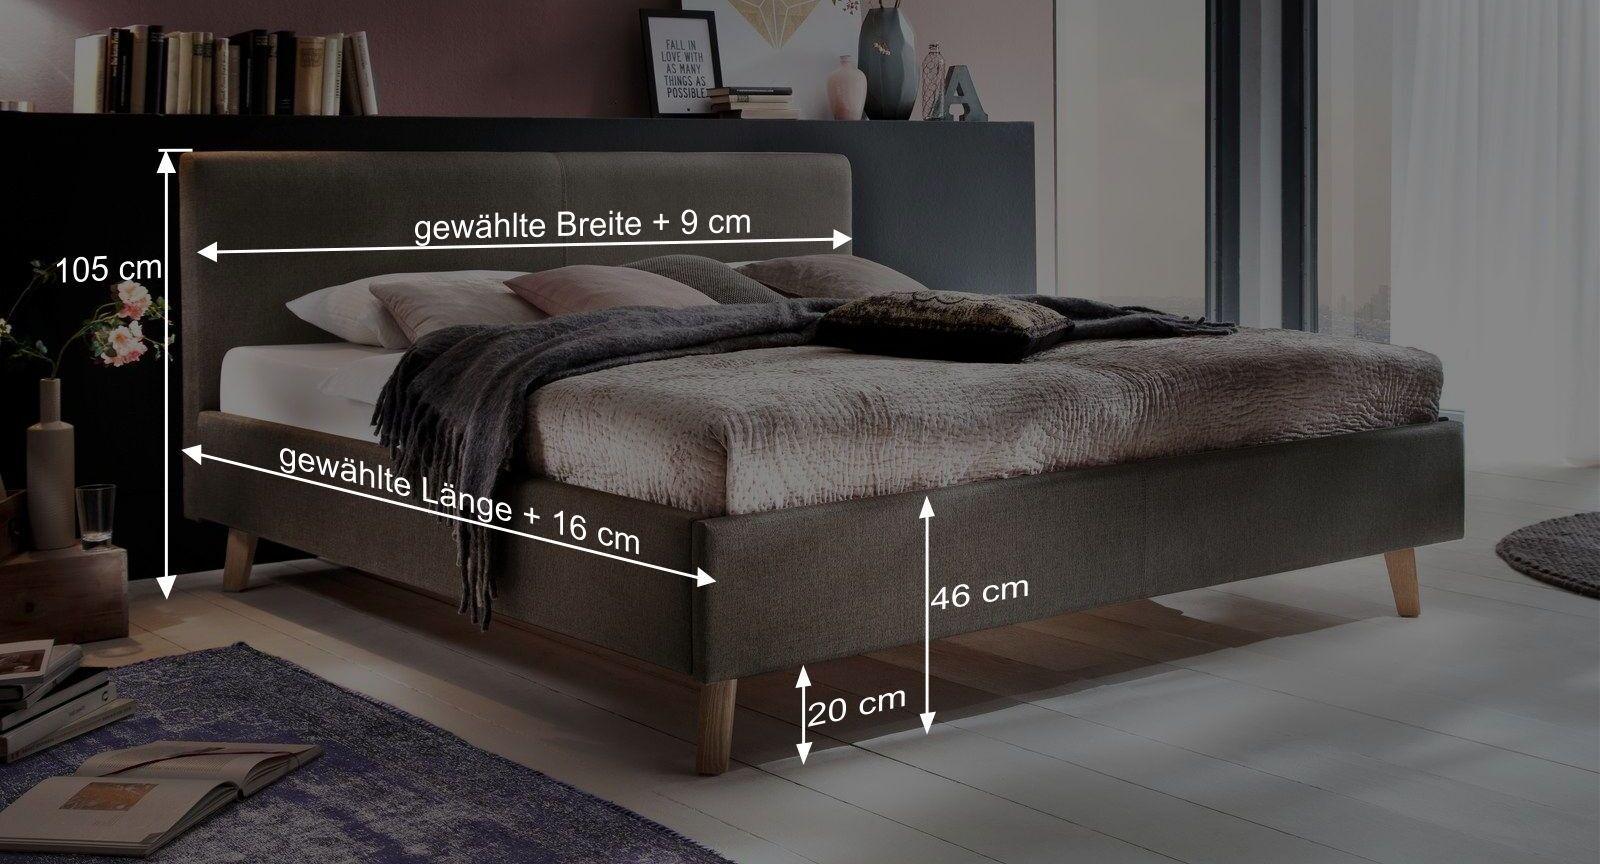 Maßgrafik zum Bett Susella